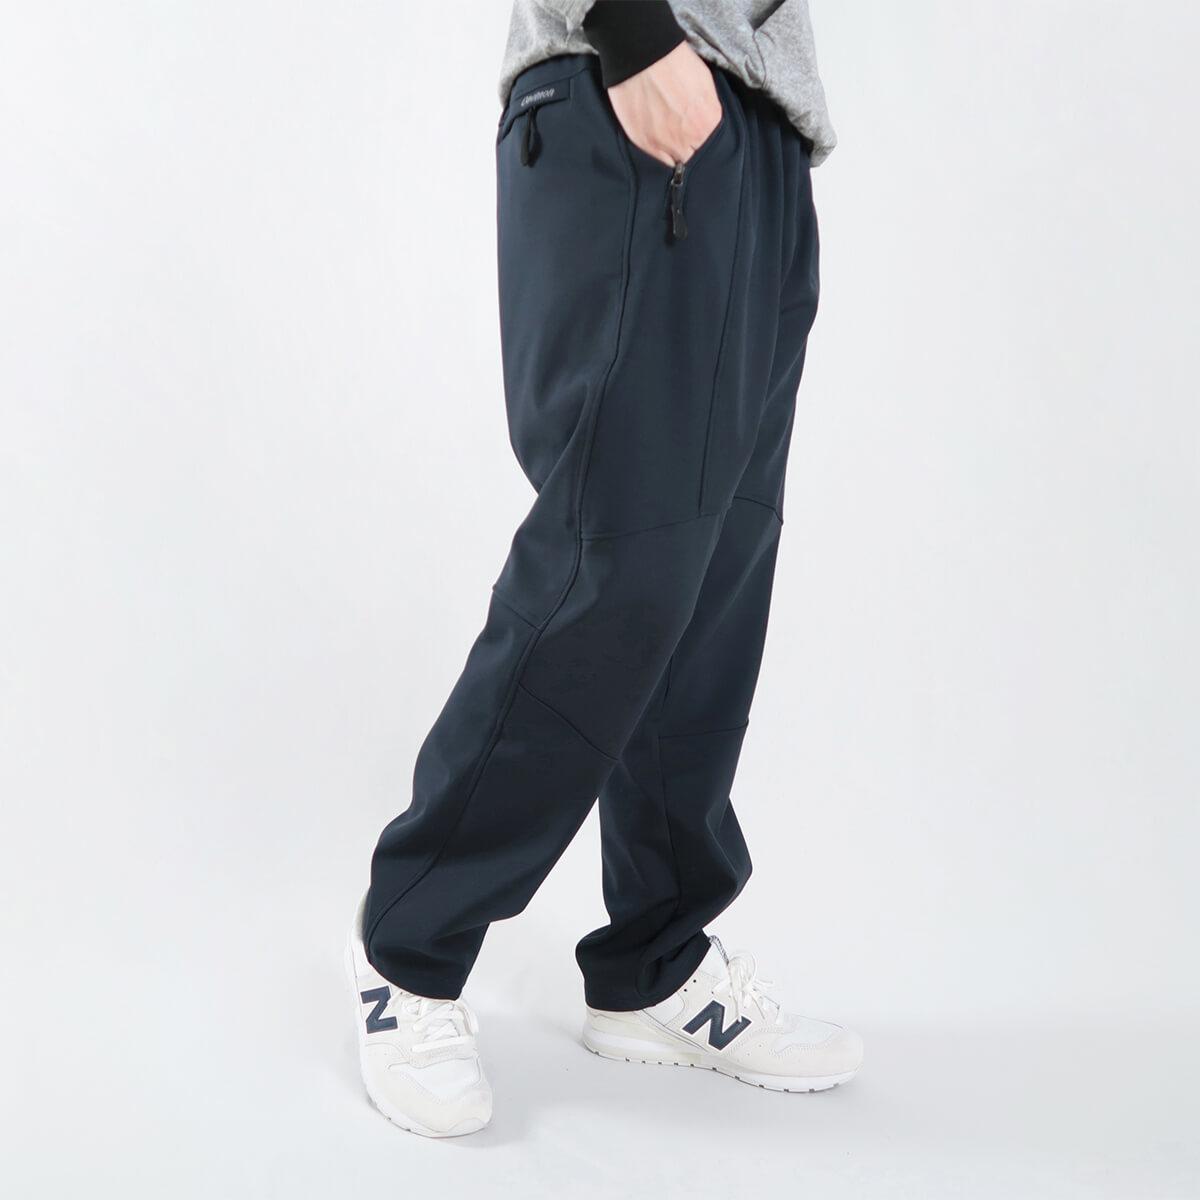 保暖厚刷毛軟殼褲 防風防潑水透氣保暖衝鋒褲 保暖褲 內裡刷毛褲 休閒長褲 黑色長褲 WARM THICK FLEECE LINED SOFTSHELL PANTS OUTDOOR PANTS (321-356-08)深藍色、(321-356-21)黑色、(321-356-22)藍綠色 腰圍M L XL 2L(28~40英吋) [實體店面保障] sun-e 8